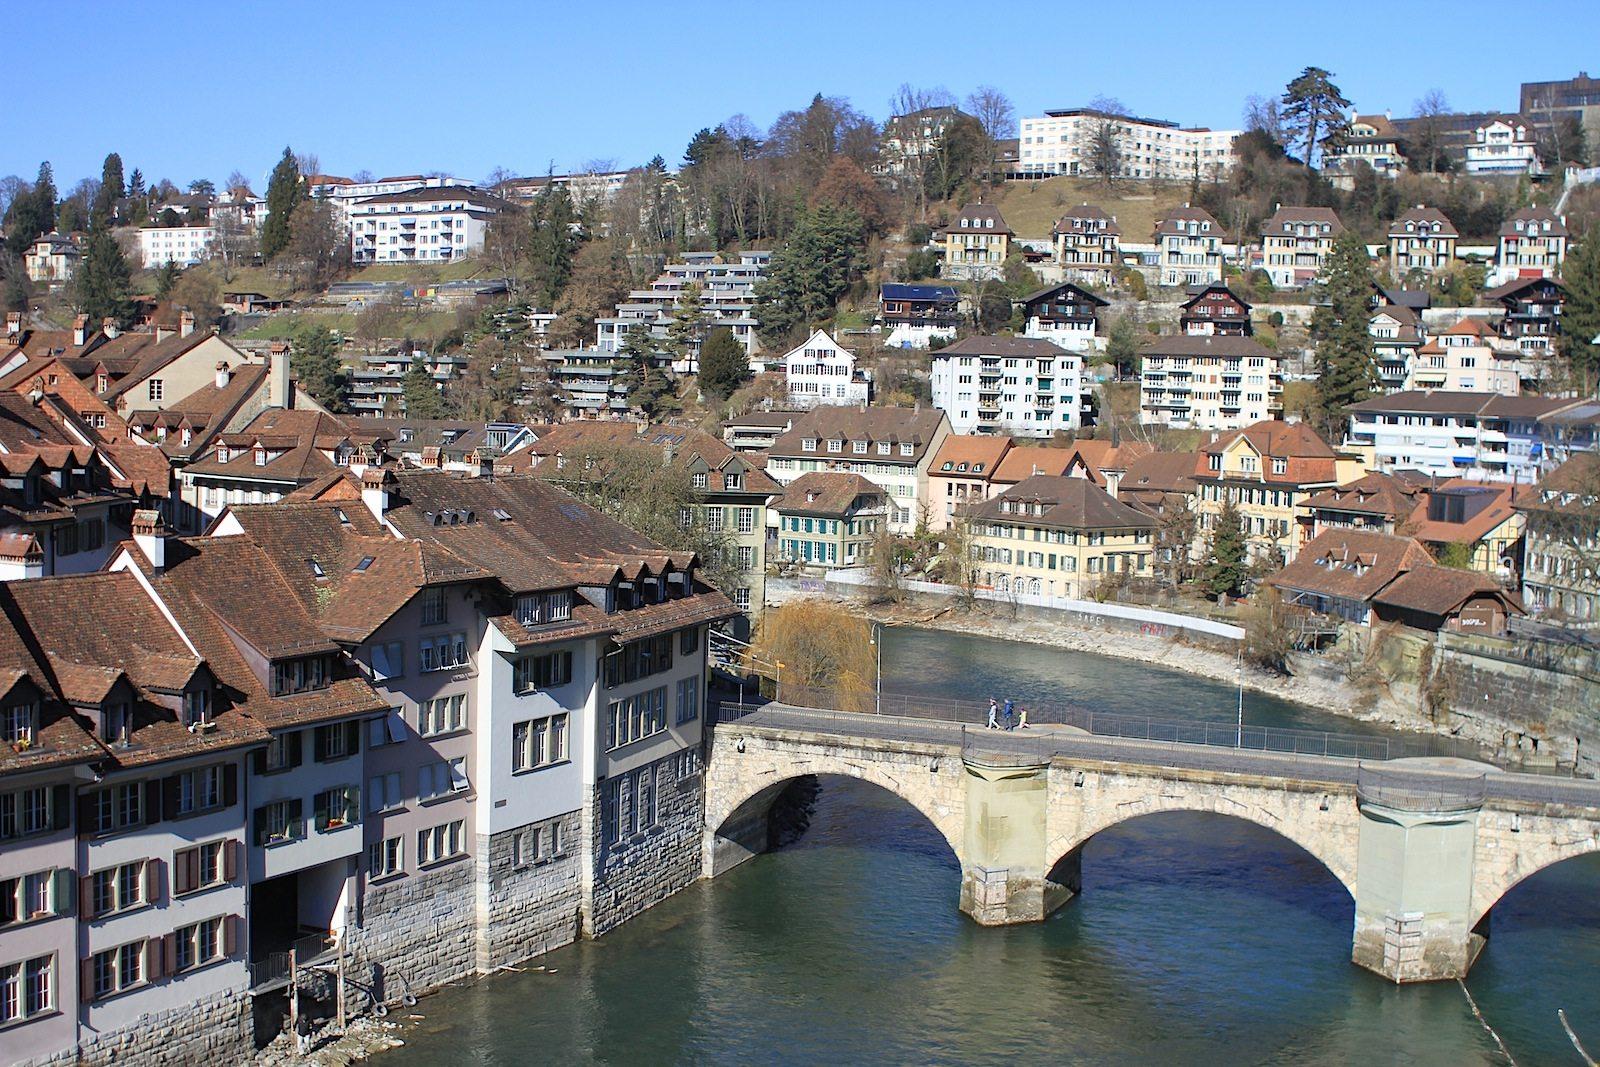 Quartier. Am Fuße der Altstadt bei der Untertorbrücke entstand das Berner Mattequartier.